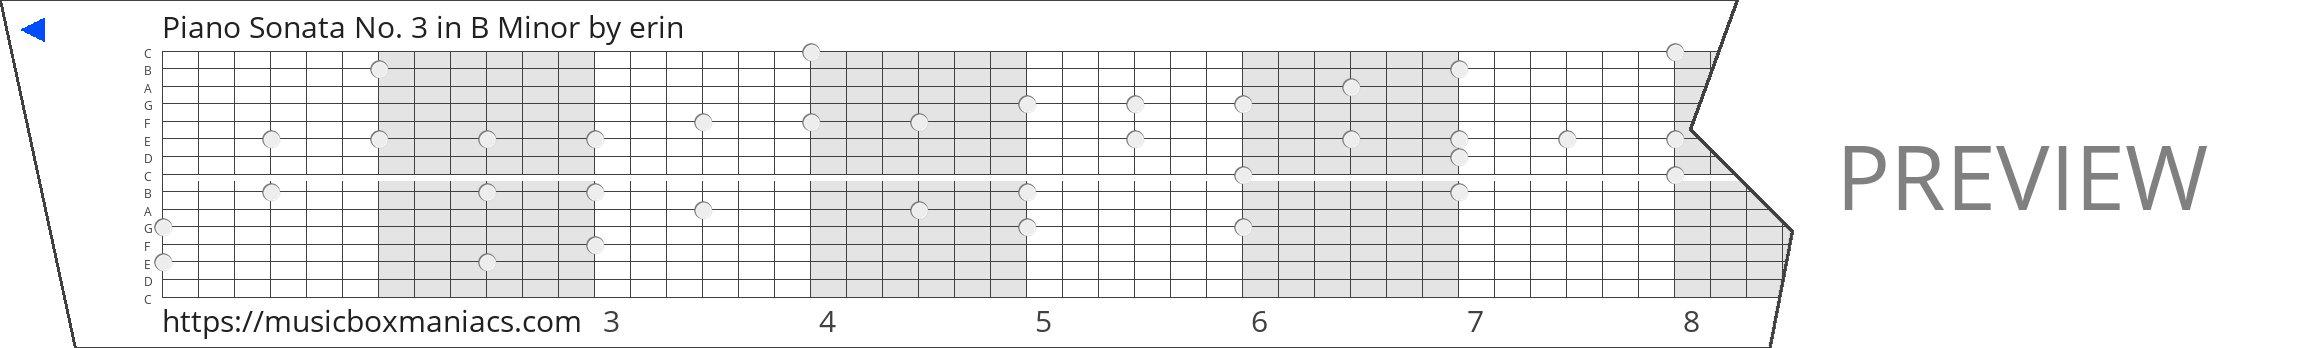 Piano Sonata No. 3 in B Minor 15 note music box paper strip